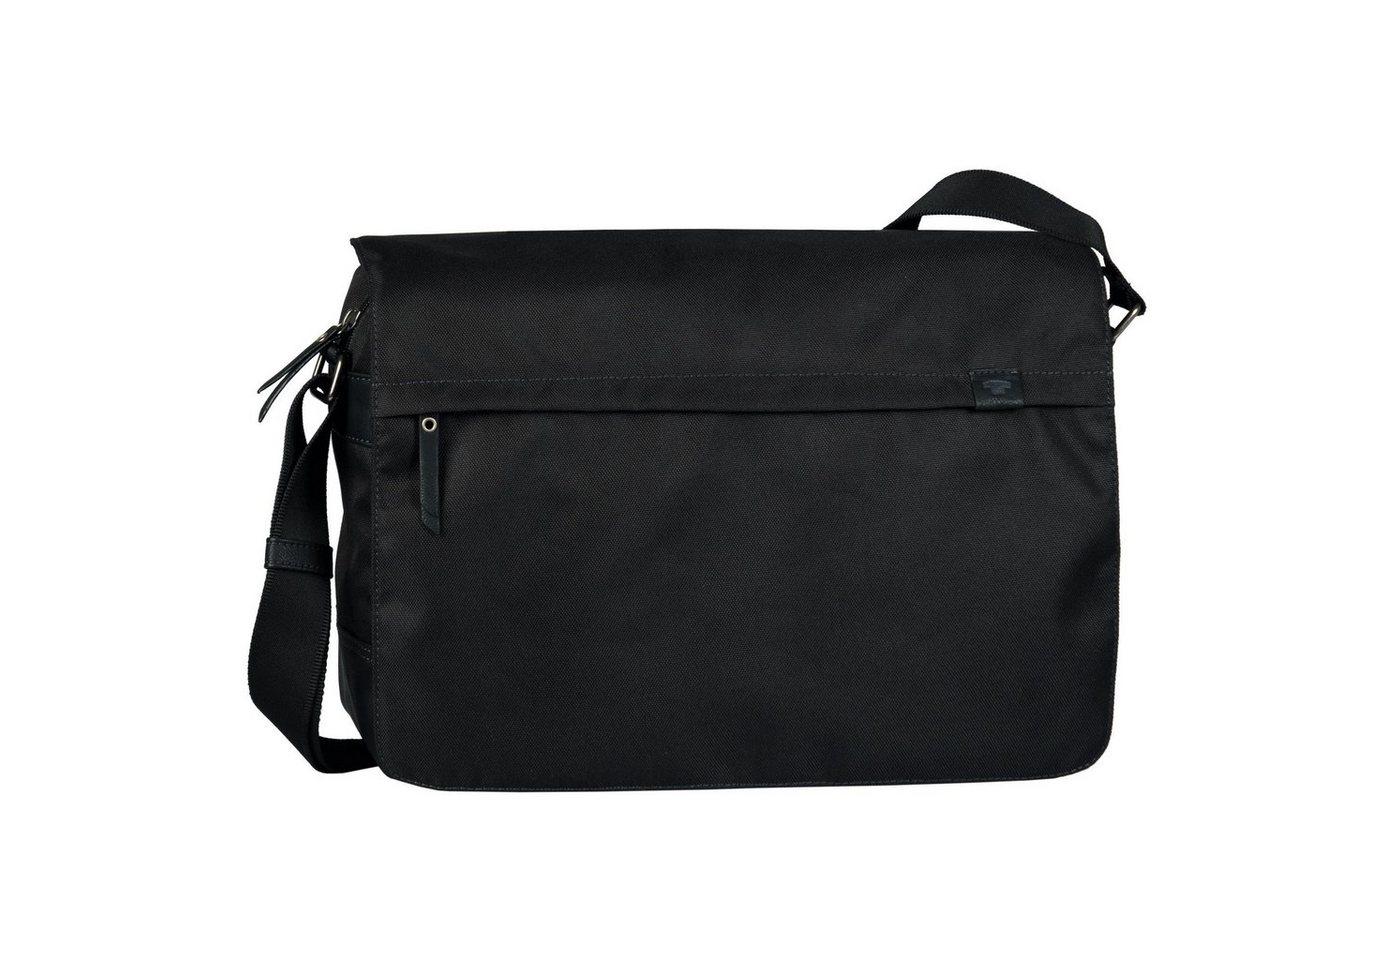 TOM TAILOR Messenger Bag »Simon«, mit Tabletfach | Taschen > Business Taschen | Schwarz | TOM TAILOR